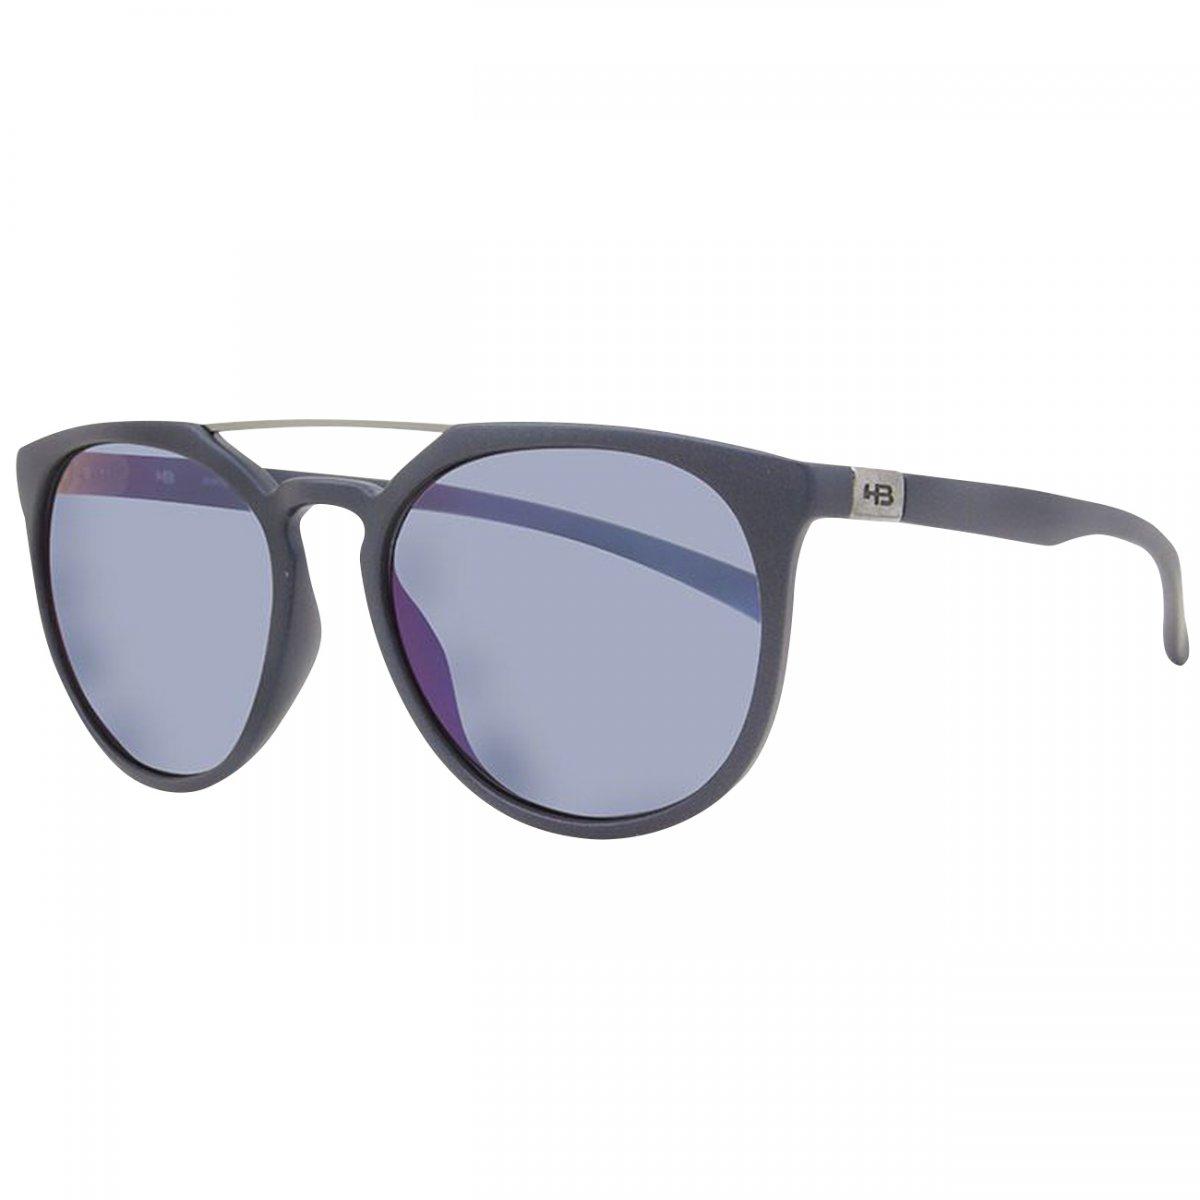 Oculos HB Burnie Espelhado 9015962687 - Marinho fosco espelho - Chuteira  Nike, Adidas. Sandalias Femininas. Sandy Calçados 717cb62922